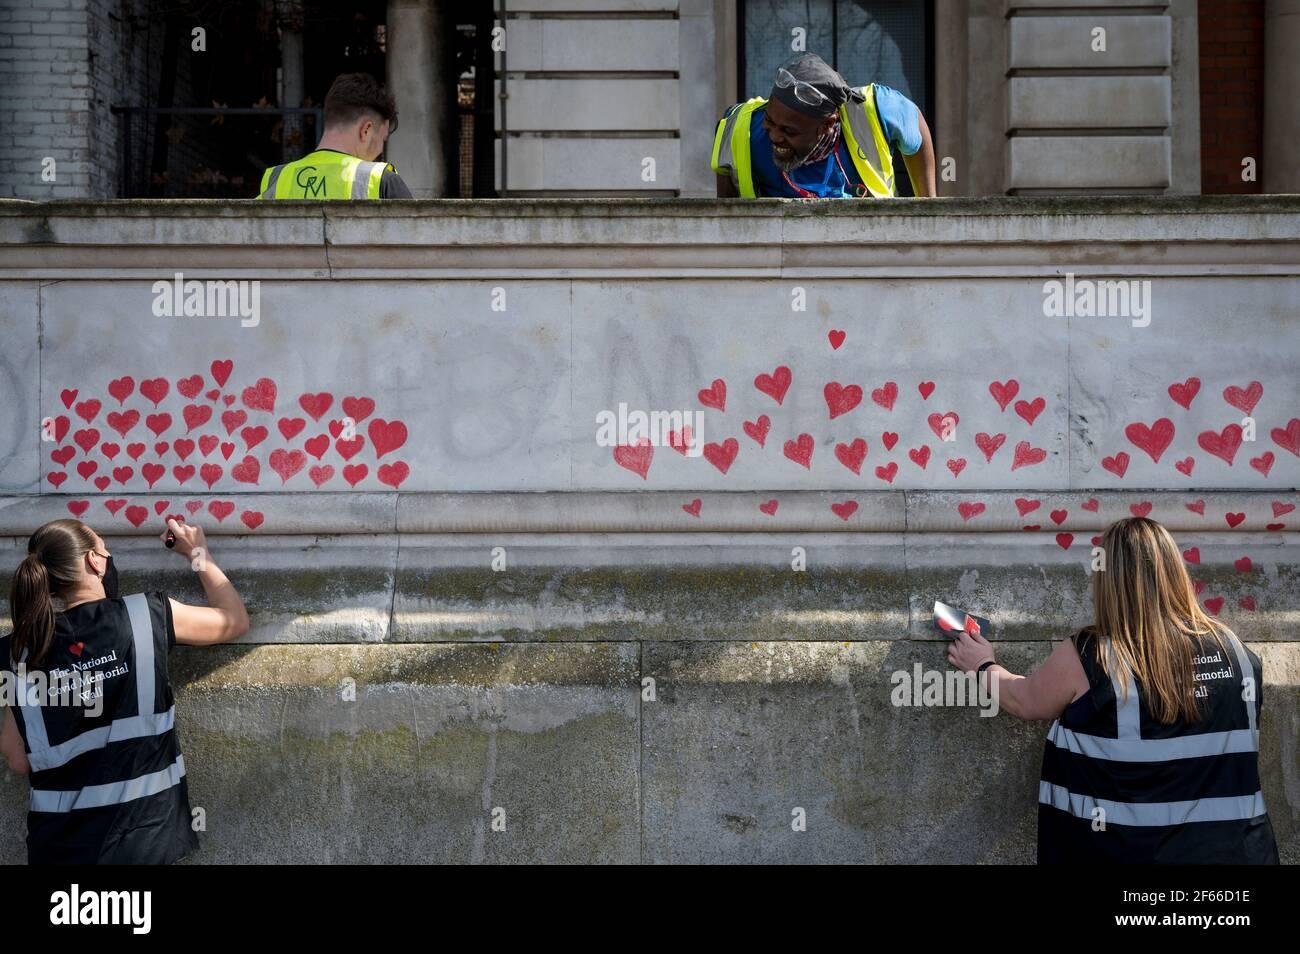 London, Großbritannien. März 2021, 30th. Freiwillige ziehen Herzen an eine Wand in Lambeth an der Themse, wobei jedes Herz jemanden repräsentiert, der während der laufenden Coronavirus-Pandemie in Großbritannien gestorben ist. Sie wurde von den Covid-19 Hinterbliebene Familien für Gerechtigkeit geschaffen und wird sich bis zur Fertigstellung für eine halbe Meile erstrecken. Kredit: Stephen Chung/Alamy Live Nachrichten Stockfoto